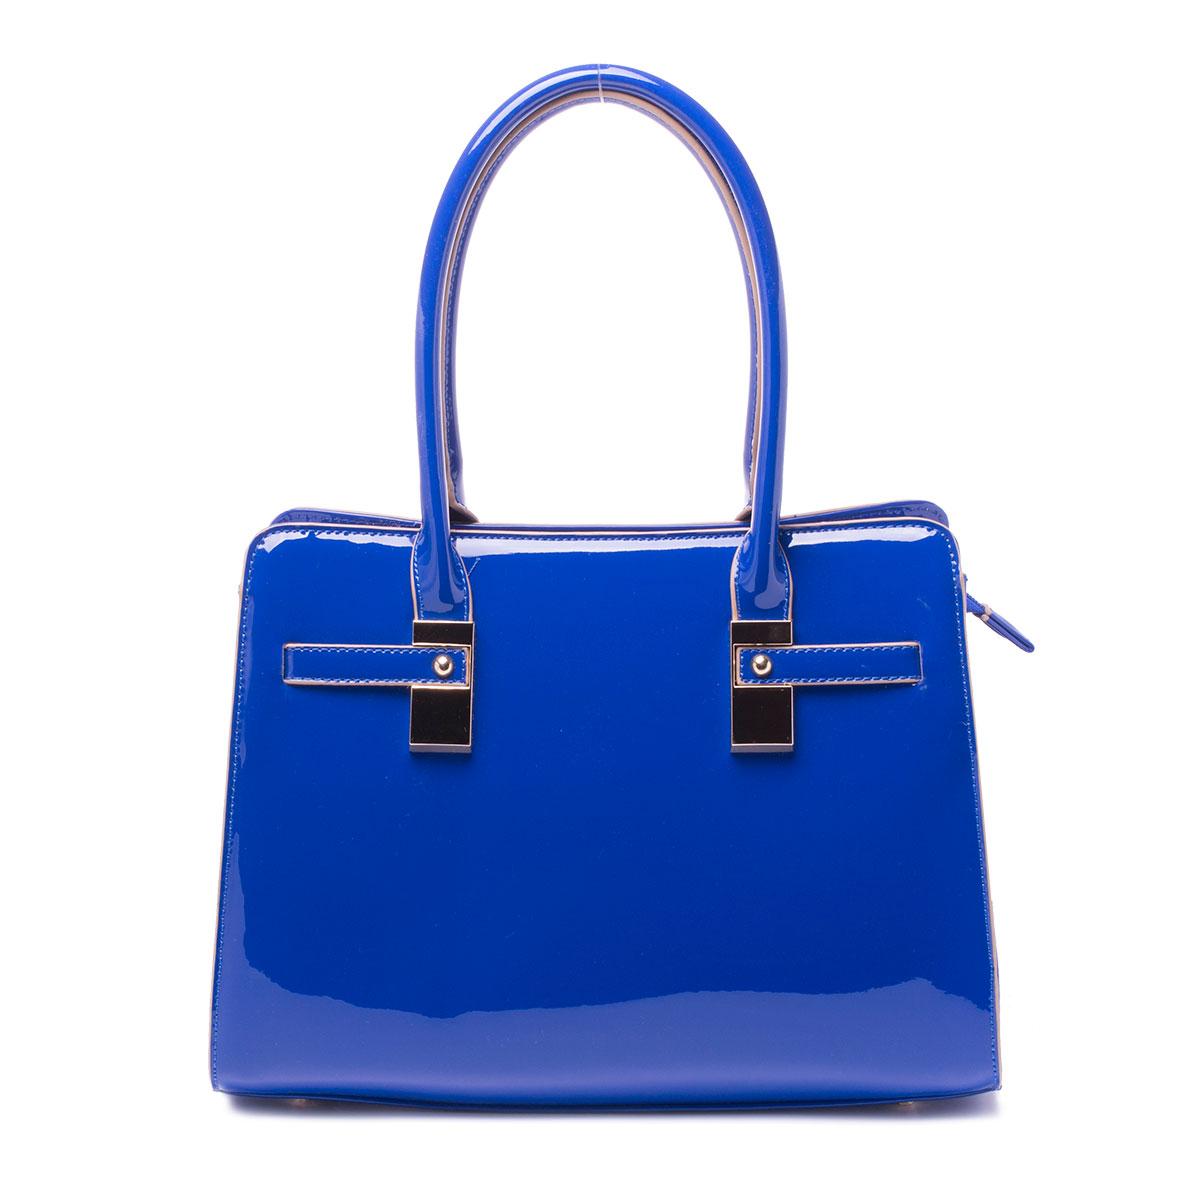 Сумка женская Baggini, цвет: синий. 35605/4335605/43Сумка жен., иск. кожа